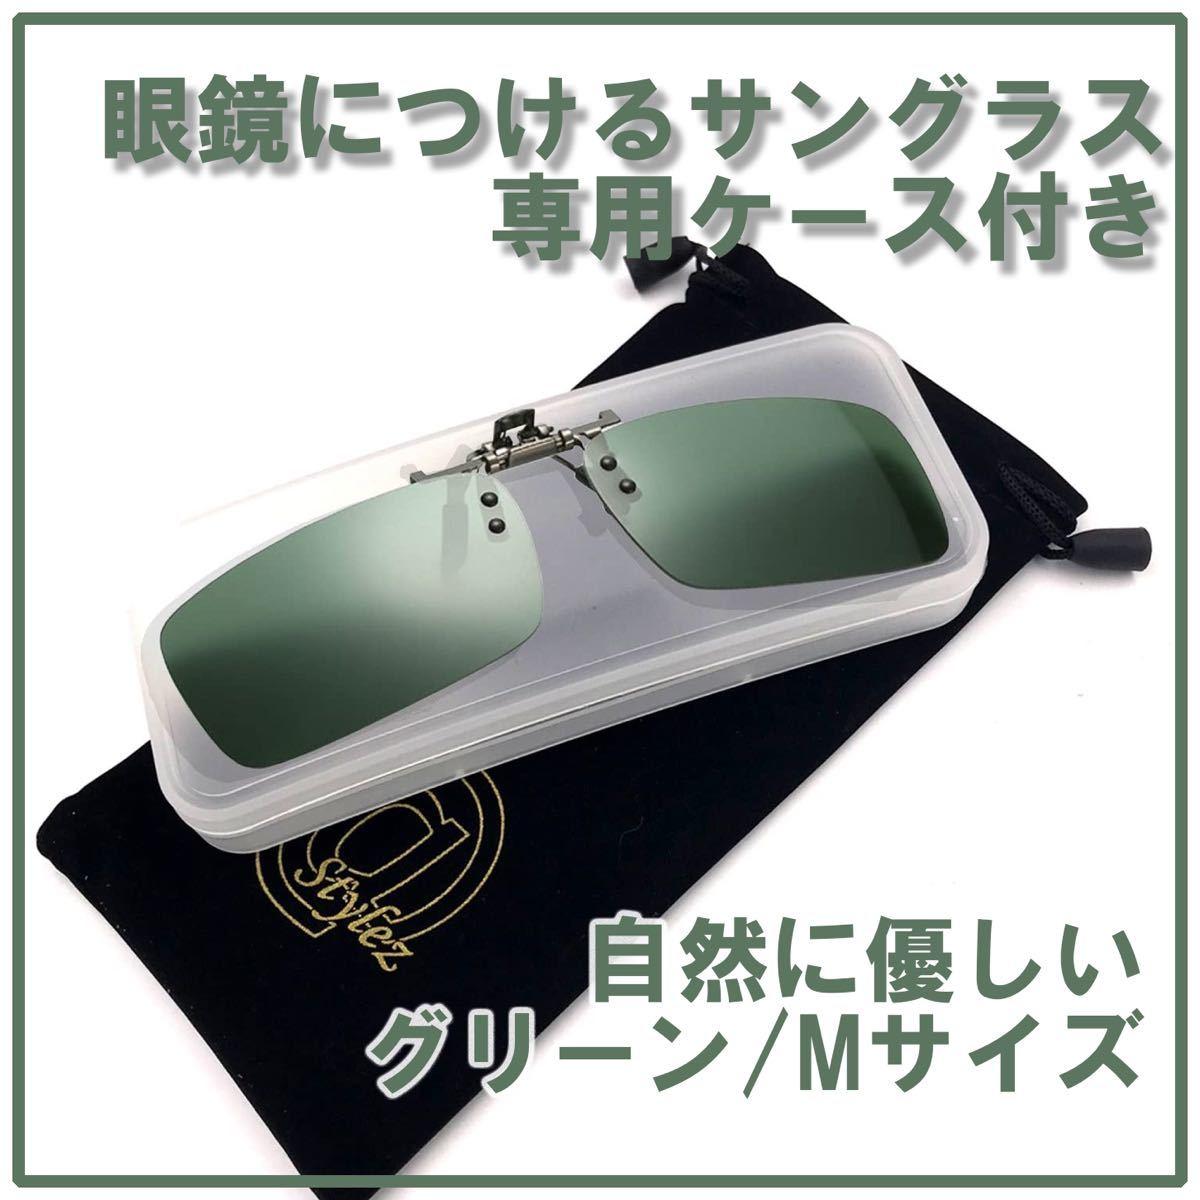 サングラス メンズ 偏光 スポーツ ドライビング 眼鏡につける ケース付き 緑M